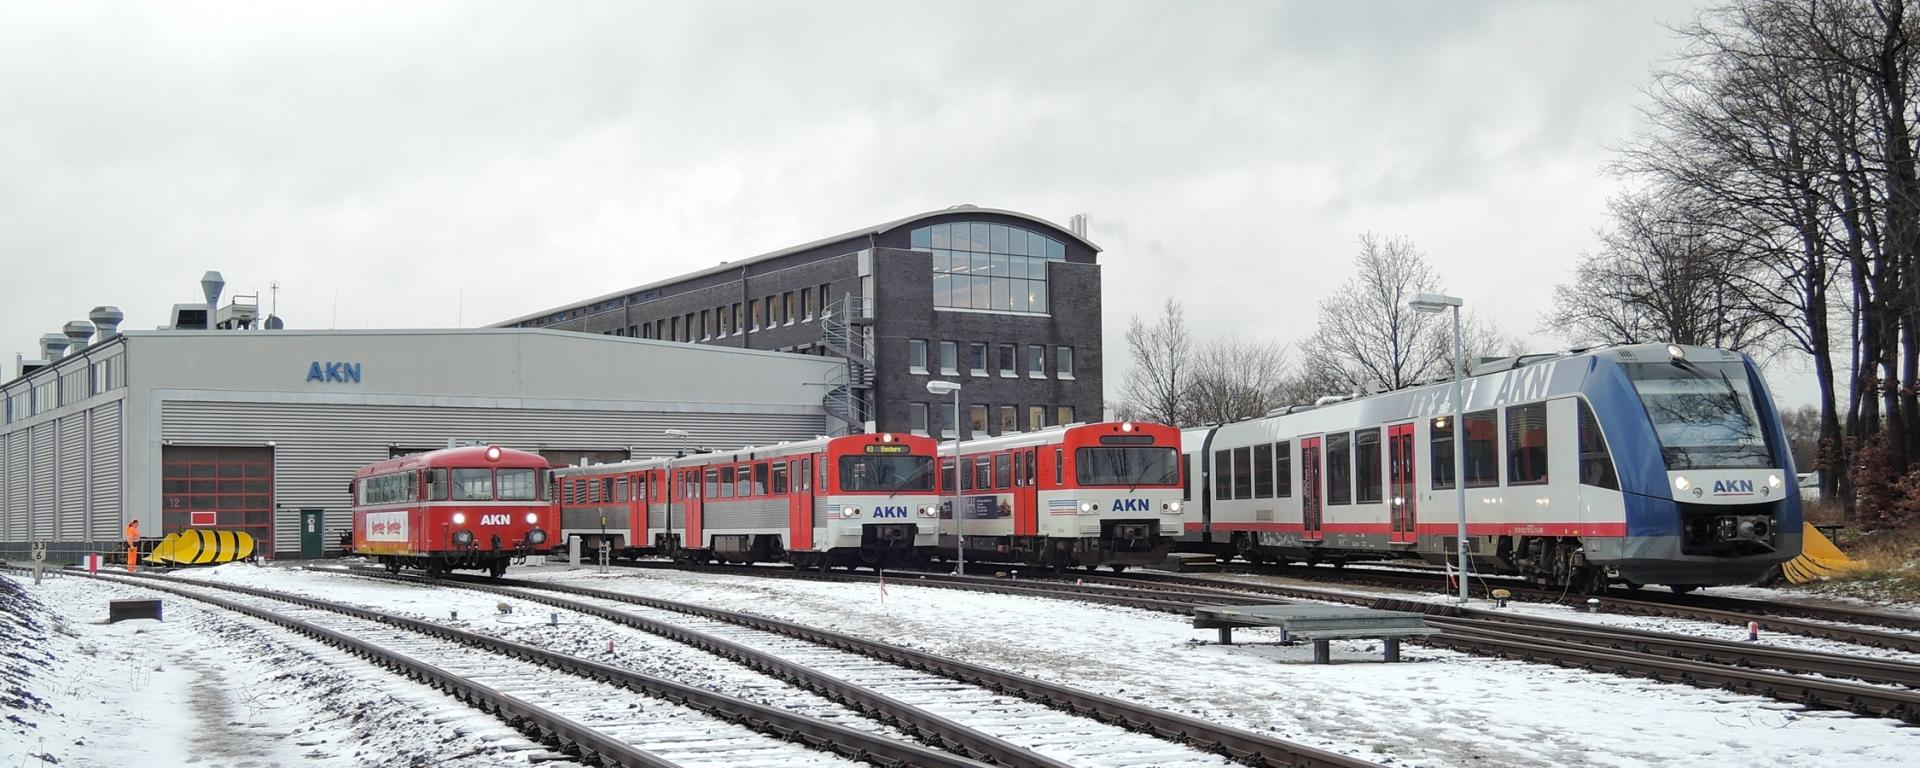 """Zum Nikolaus blicken wir ein bisschen nach Außerhalb: Am 8. Januar veranstaltete die AKN im Betriebswerk im Kaltenkirchen für die Presse ein letztes Zusammentreffen ihrer Fahrzeuge. Neben einem Schienenbus, einem VT2E und einem Hybrid-VTA zeigte sich auch der """"neue"""" LINT 54H. Während die Startschwierigkeiten mit den LINT inzwischen längst vergessen sind, und ab und zu bei A1-Sperrungen auch auf die A2 gelangen, sind sämtliche VT2E in Norddeutschland von der Bildfläche verschwunden. Einzig der Triebwagen 35 zeigte sich noch für eine Sonderfahrt, wohl der letzten für einige Zeit."""